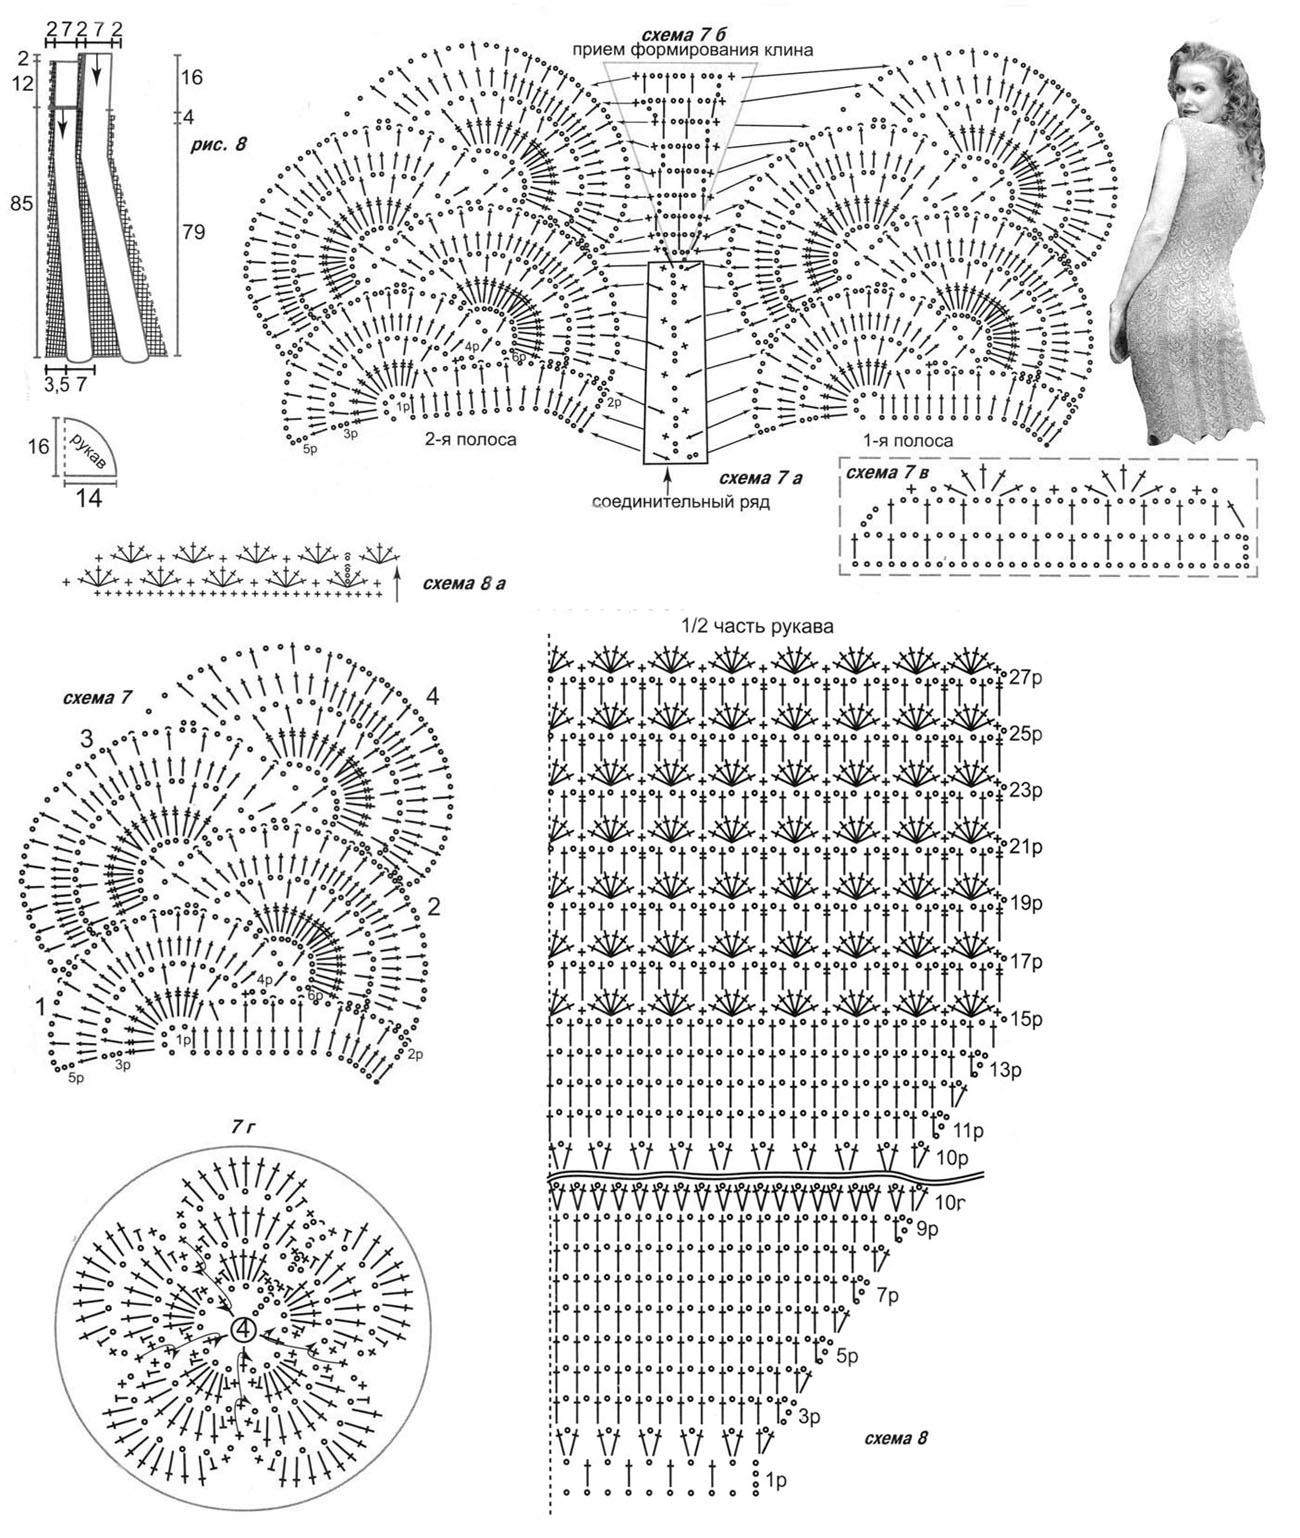 Ленточное кружево крючком схемы и описание юбка